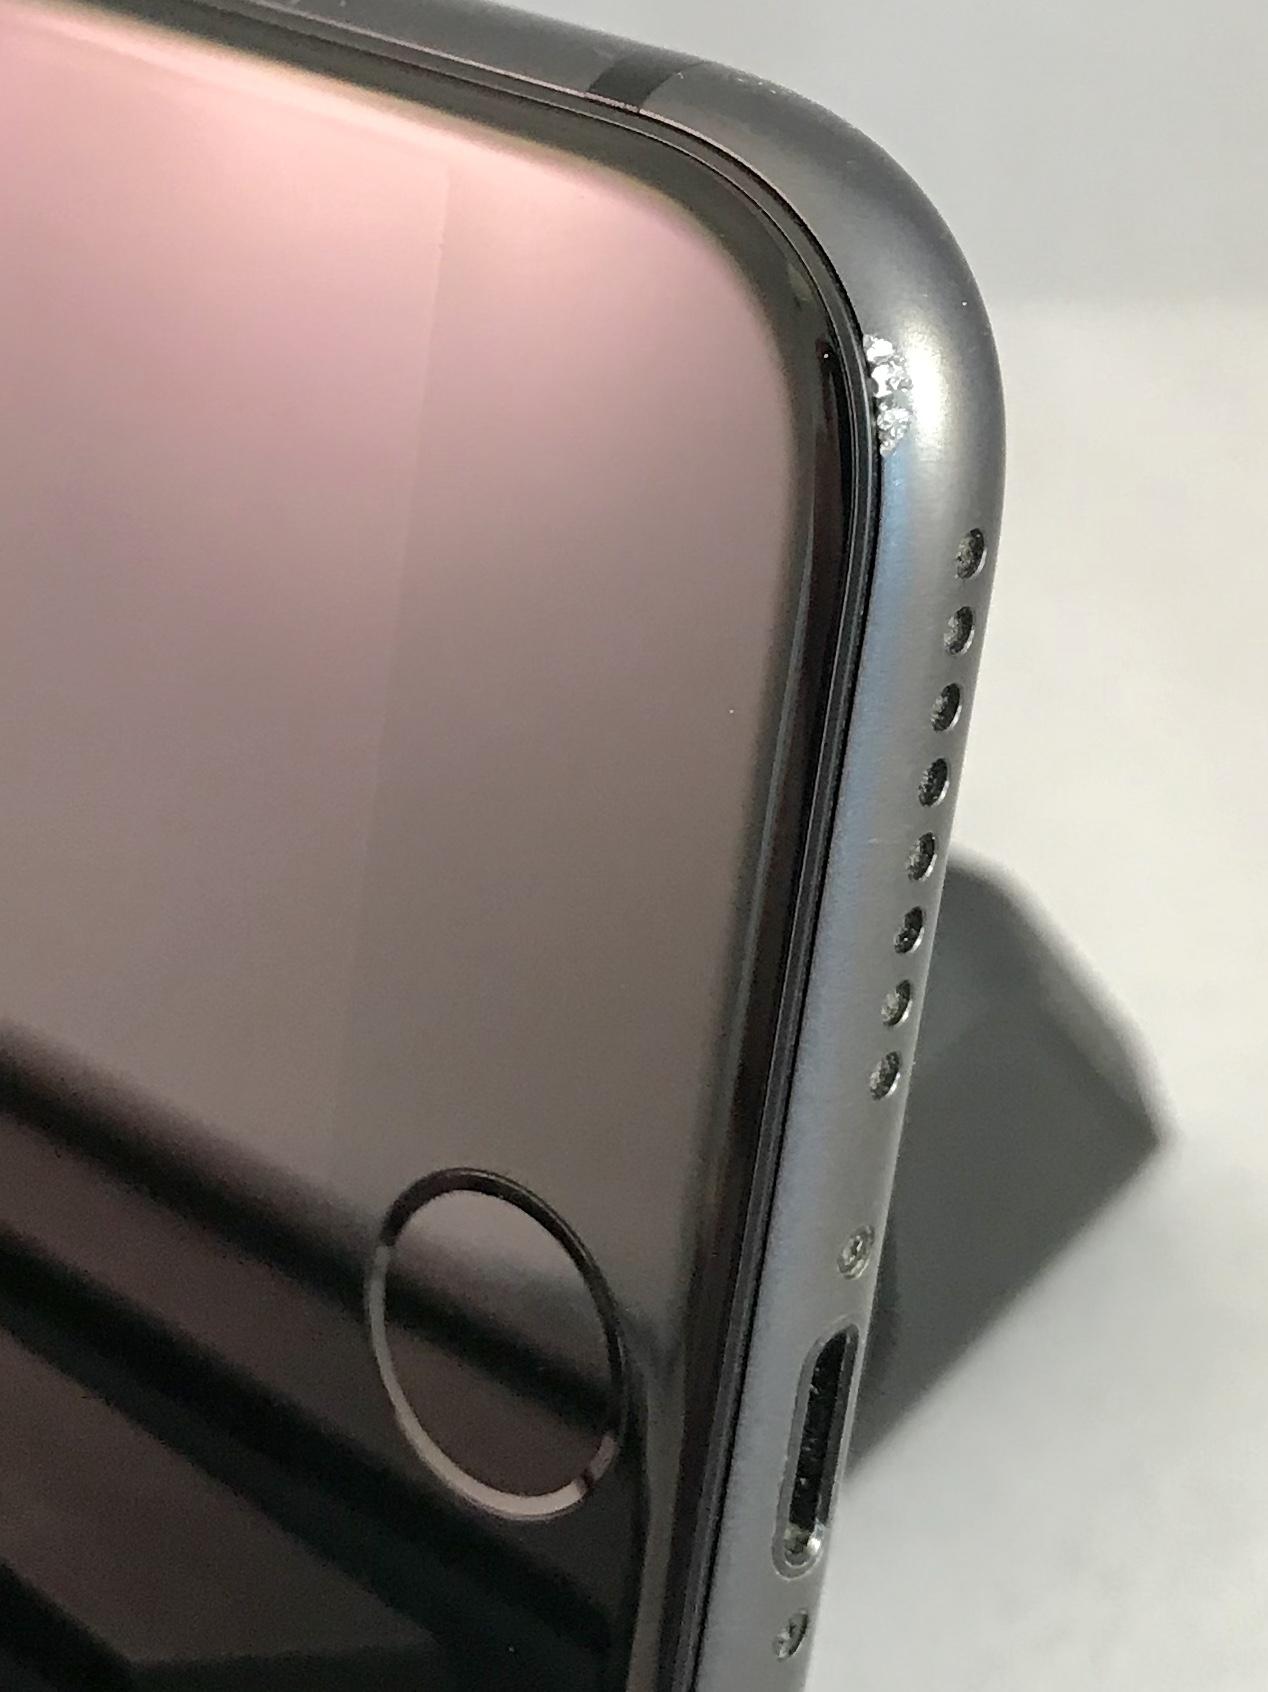 iPhone 8 Plus 64GB, 64GB, Space gray, bild 6